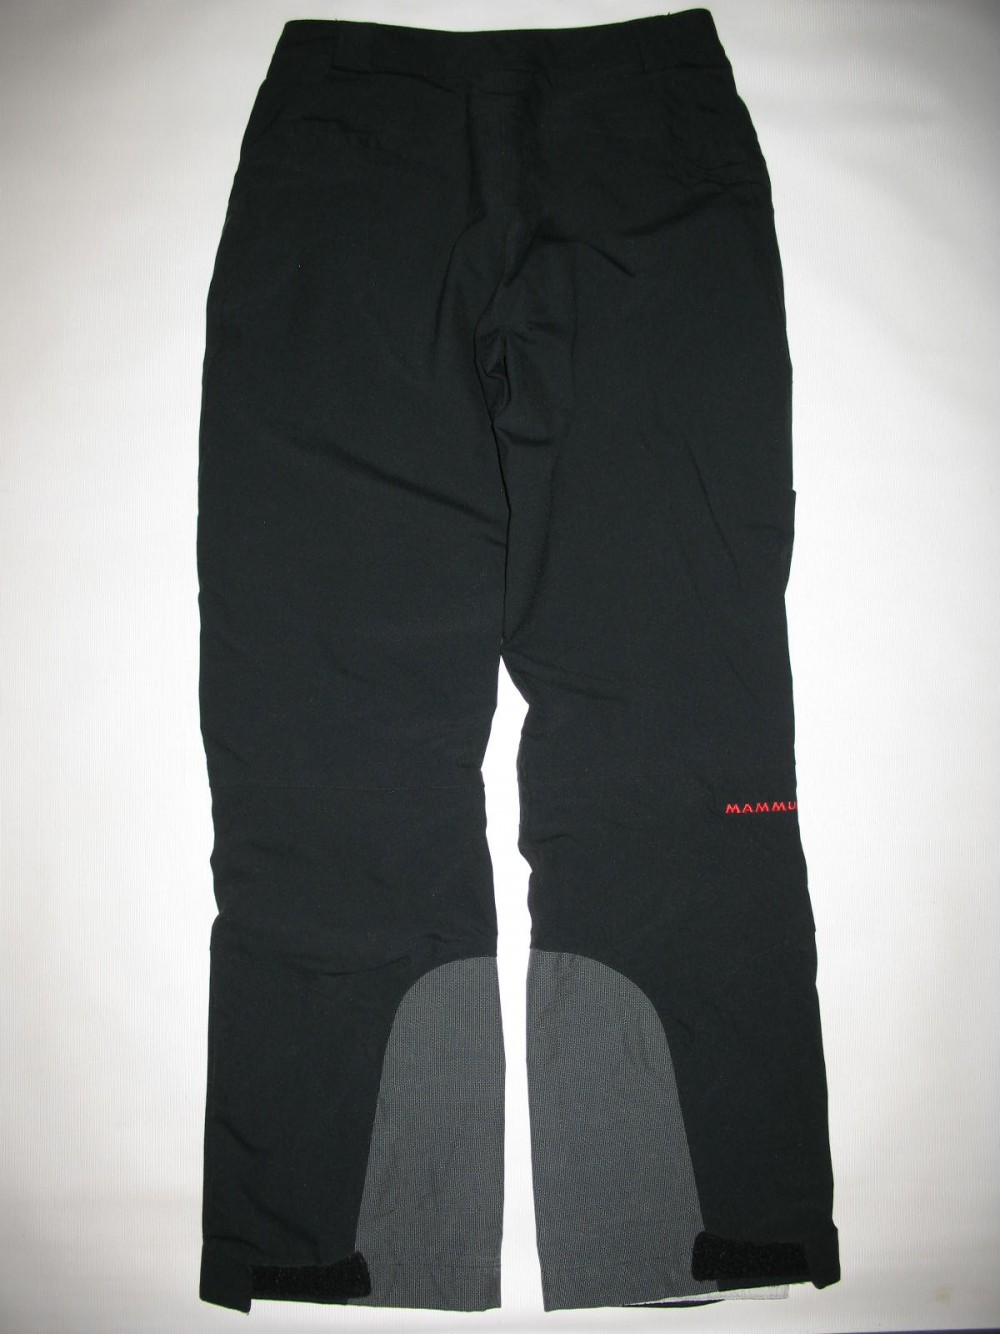 Штаны MAMMUT castor pants lady (размер 36-S/M) - 2